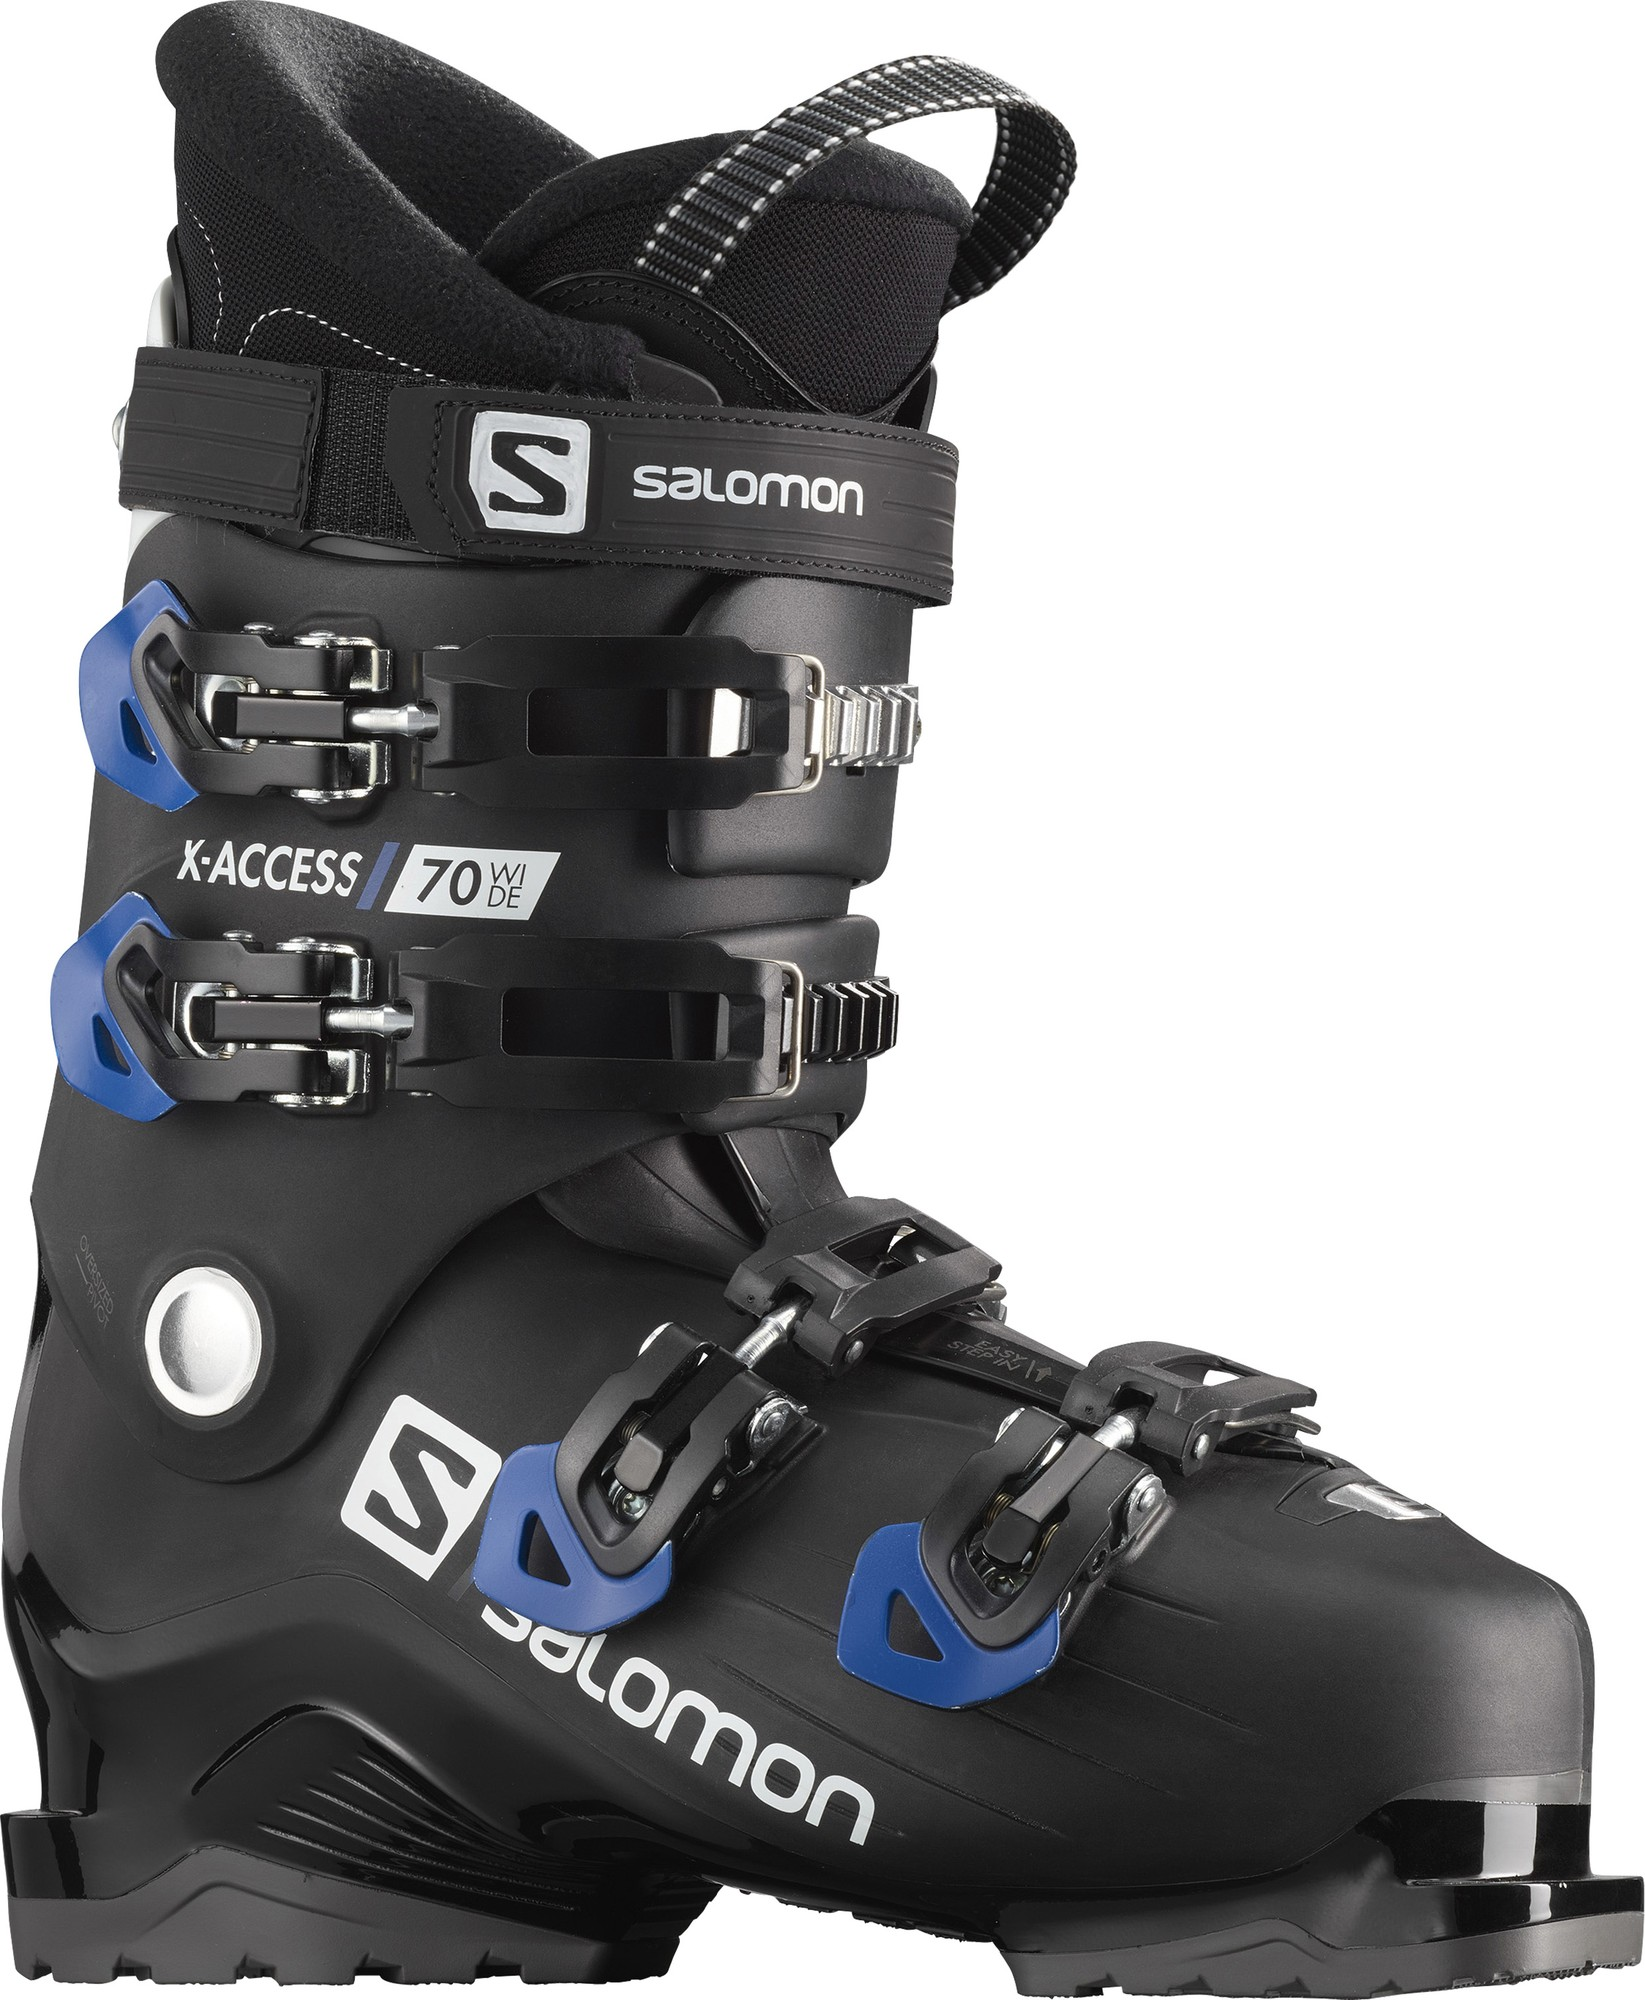 цена Salomon Ботинки горнолыжные Salomon X ACCESS 70 wide, размер 30 см онлайн в 2017 году